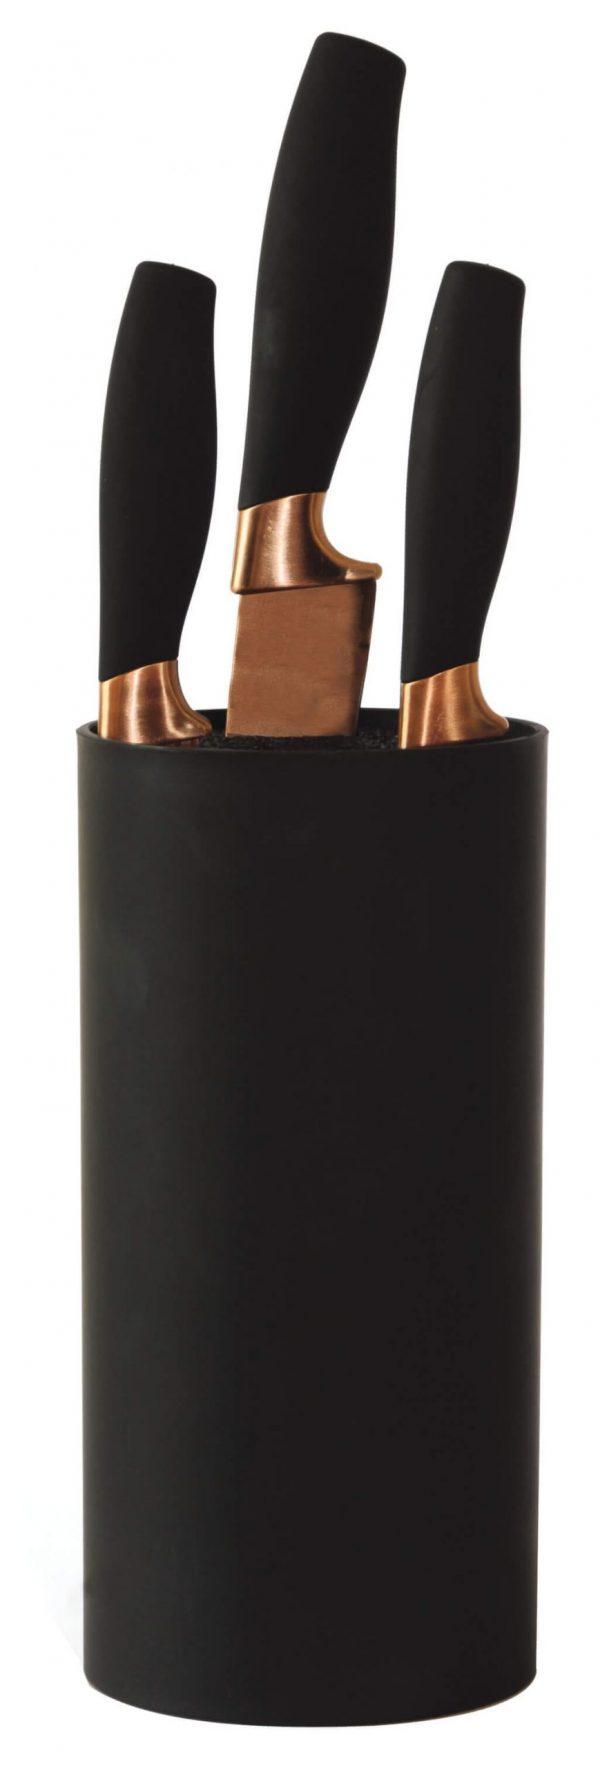 Βάση στήριξης μαχαιριών κυλινδρική μαύρη estia